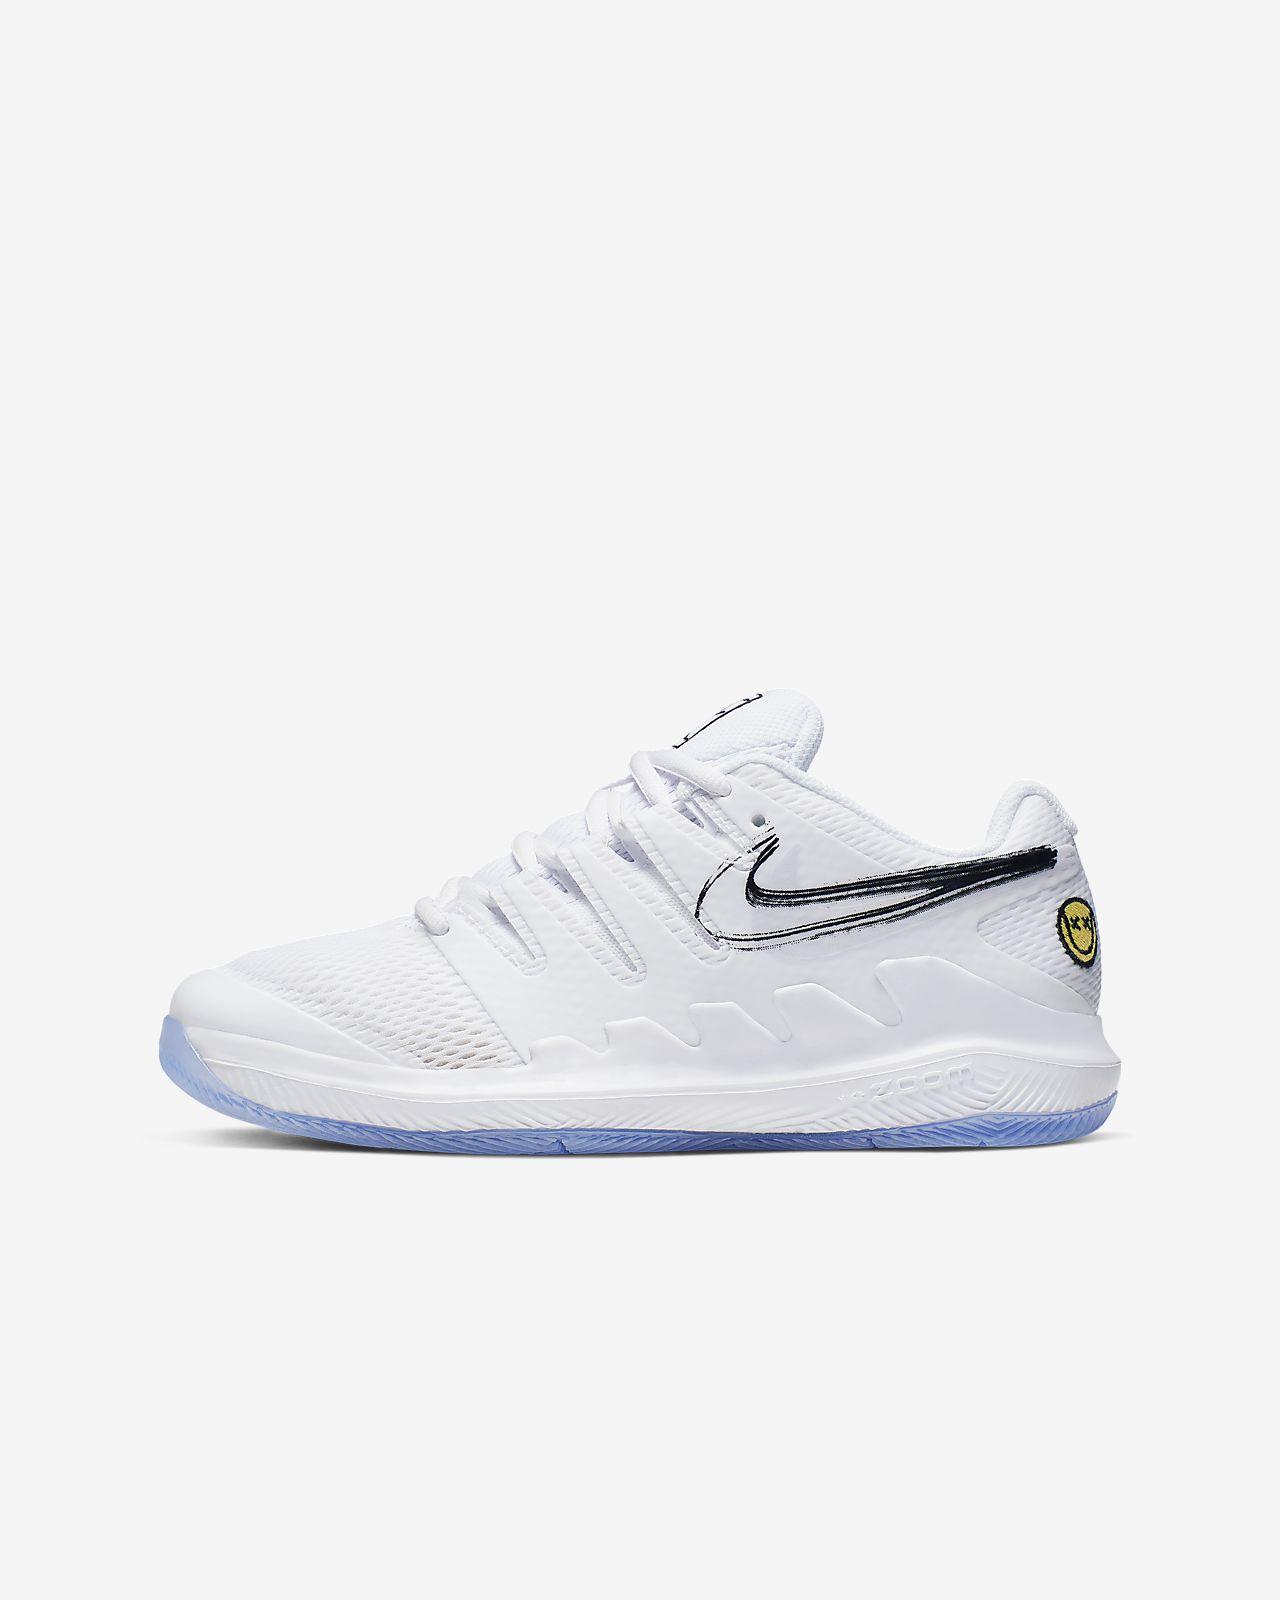 Chaussure de tennis NikeCourt Jr. Vapor X pour Jeune enfant/Enfant plus âgé